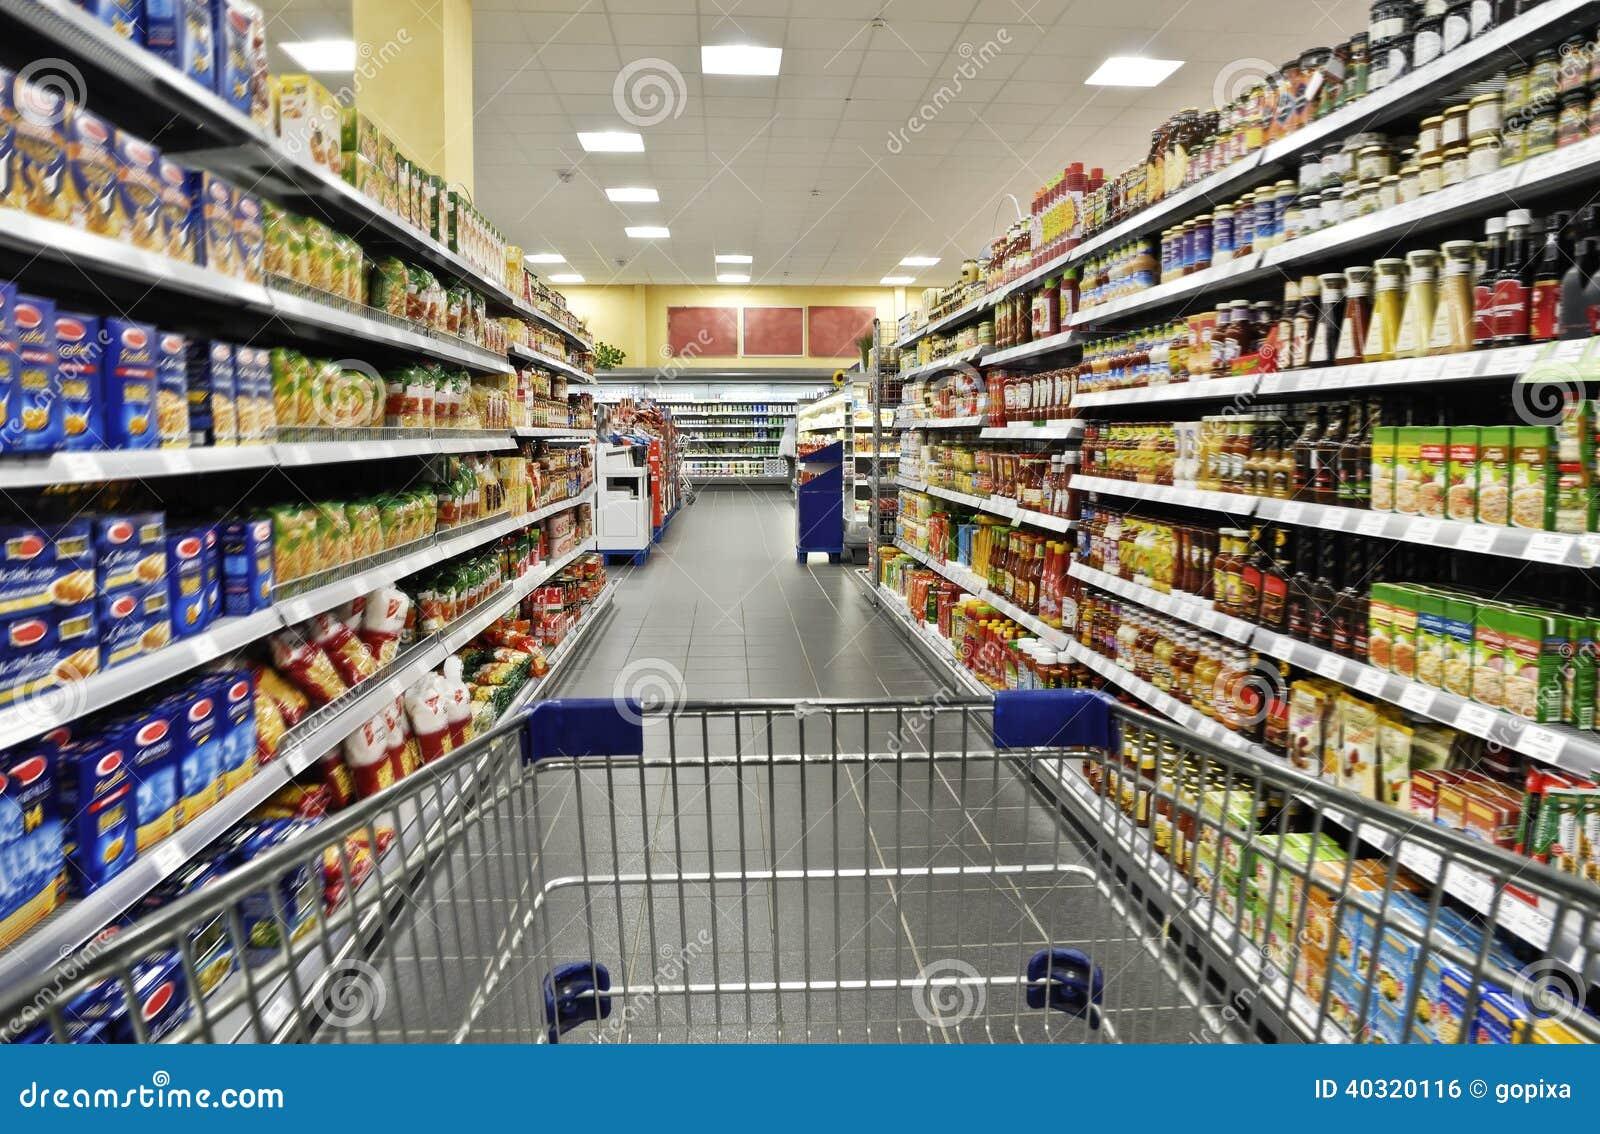 Carrinho de compras em um supermercado